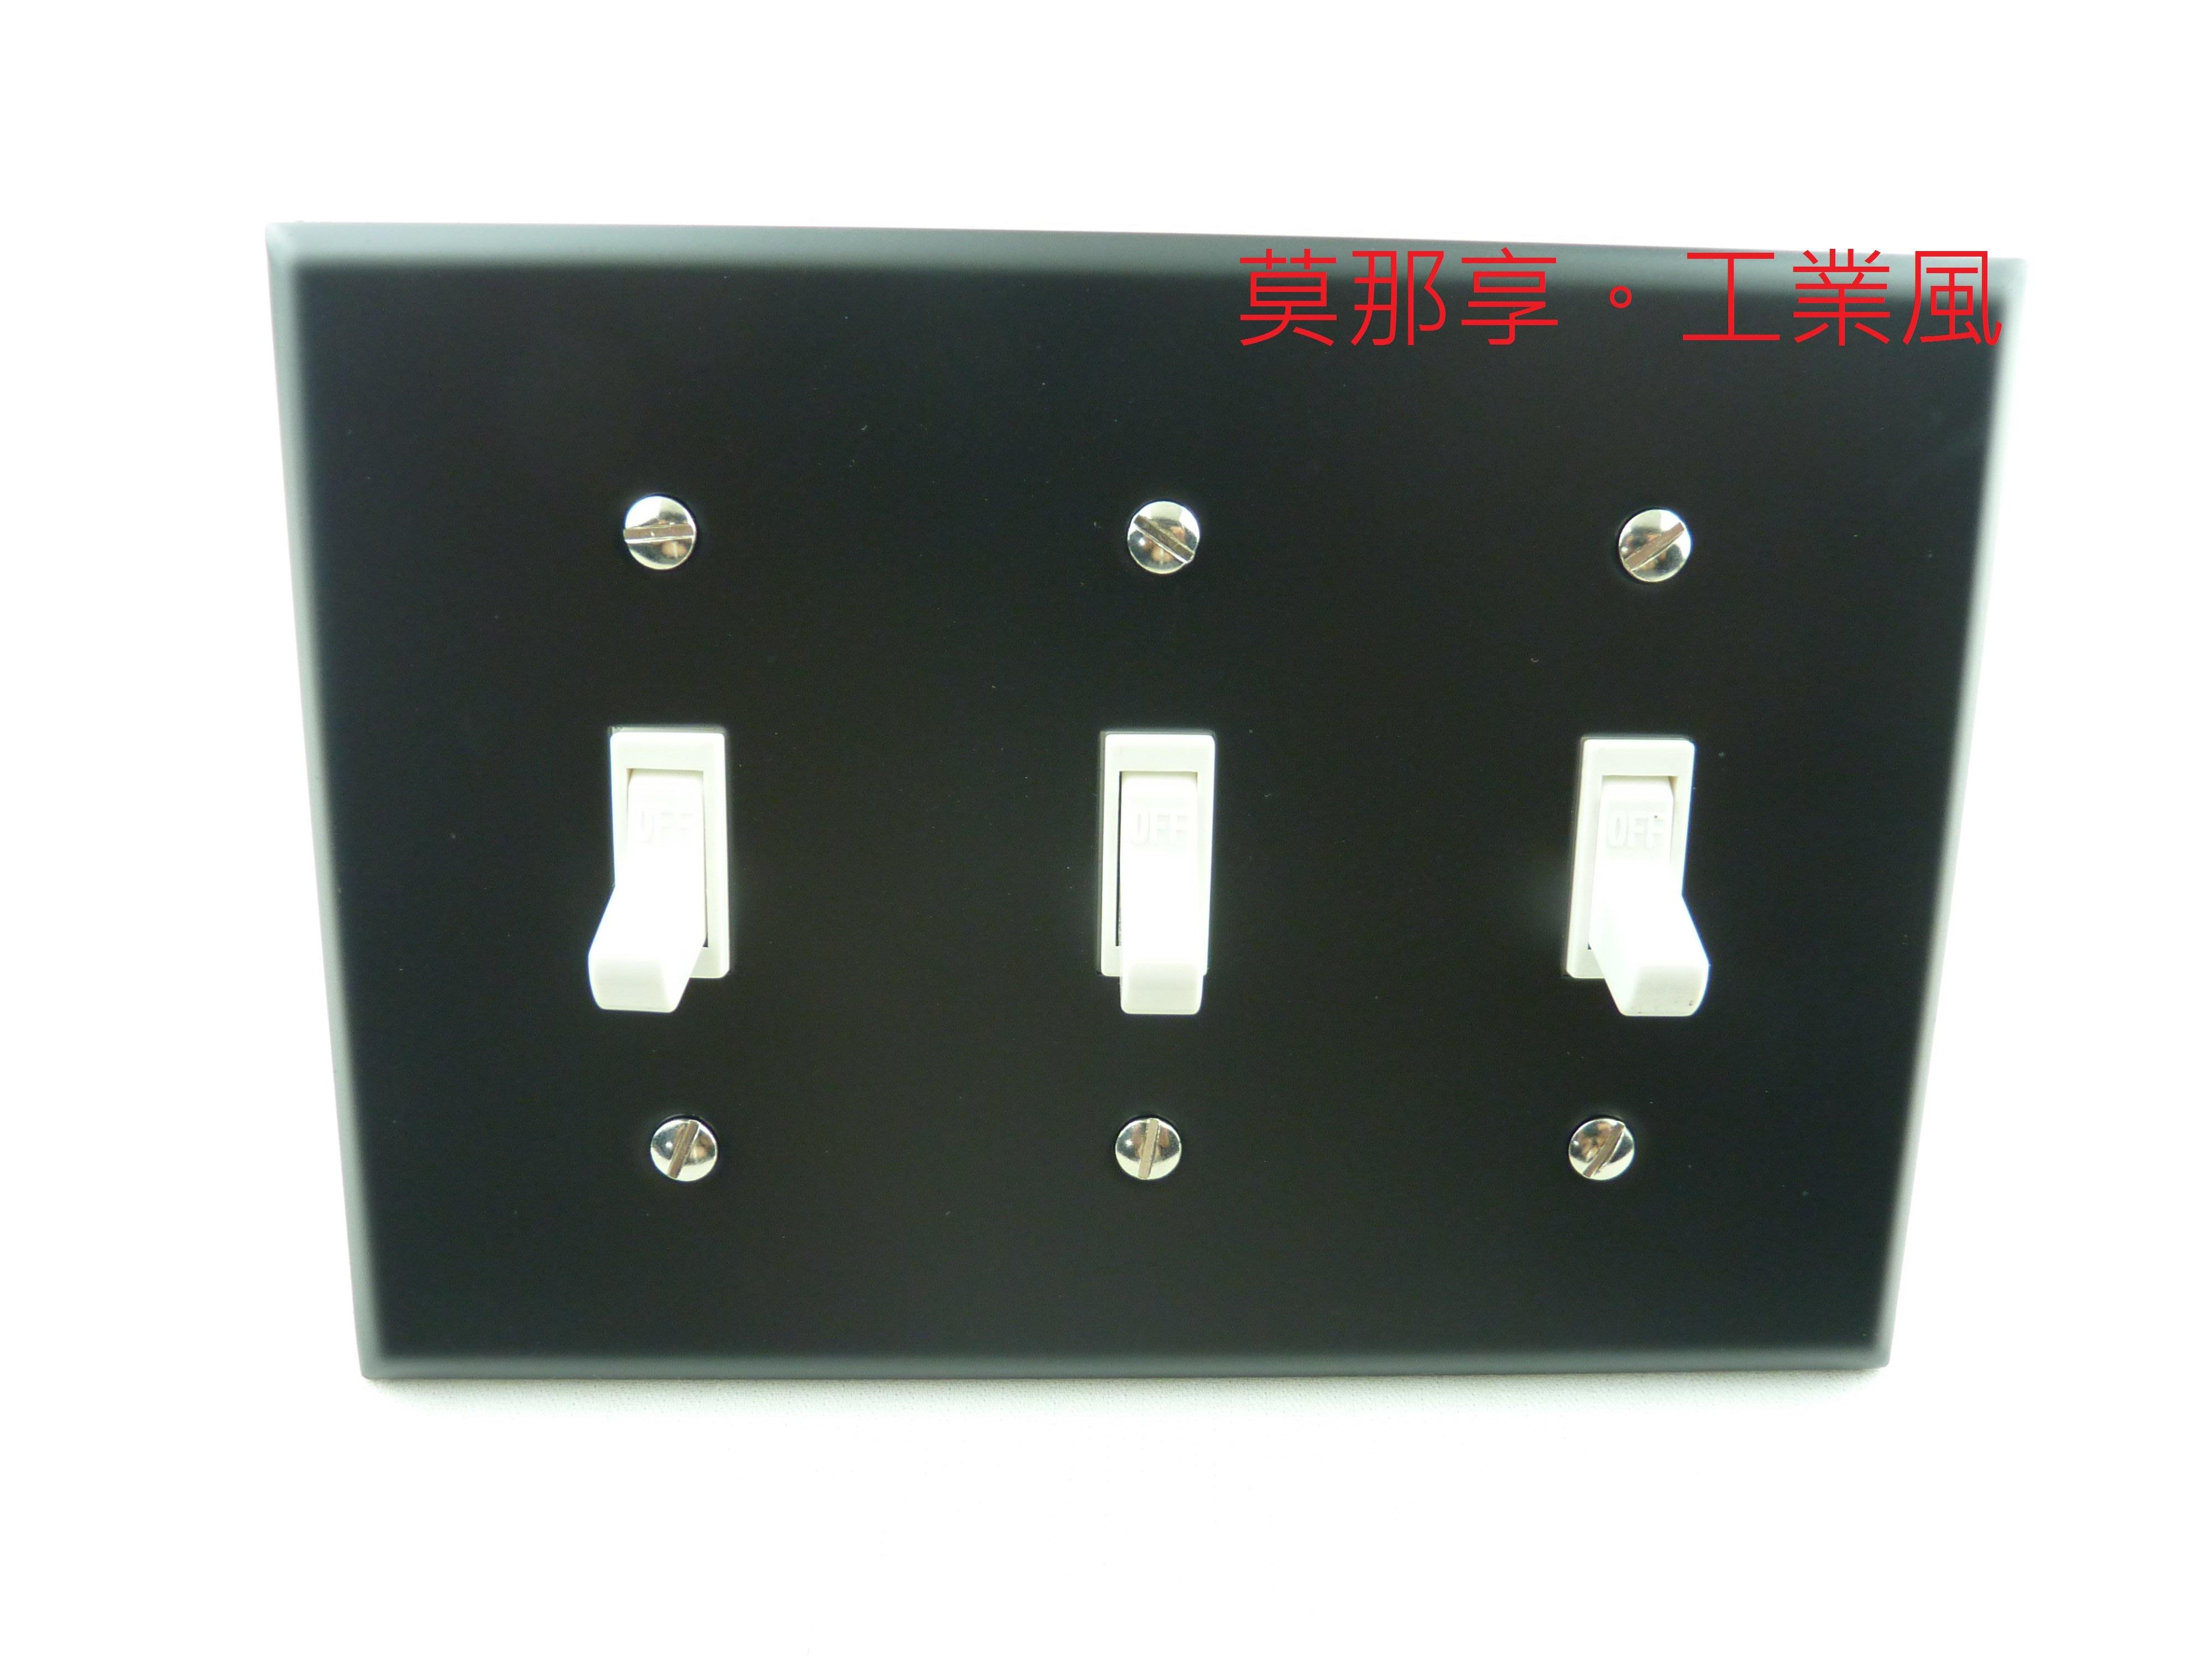 [ 莫那享 ] 工業開關 工業風 復古風 平光黑白鐵蓋板 (白色) 美式三開 K-244